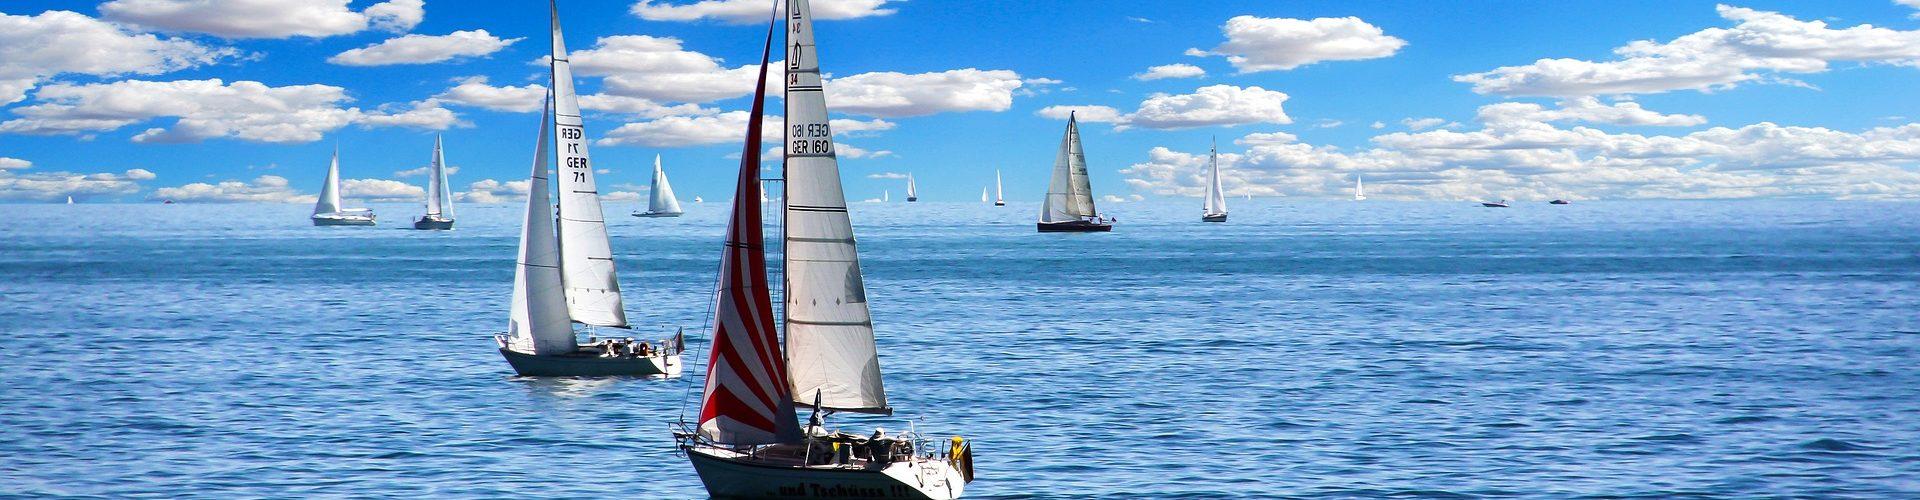 segeln lernen in Hohnstorf Elbe segelschein machen in Hohnstorf Elbe 1920x500 - Segeln lernen in Hohnstorf (Elbe)